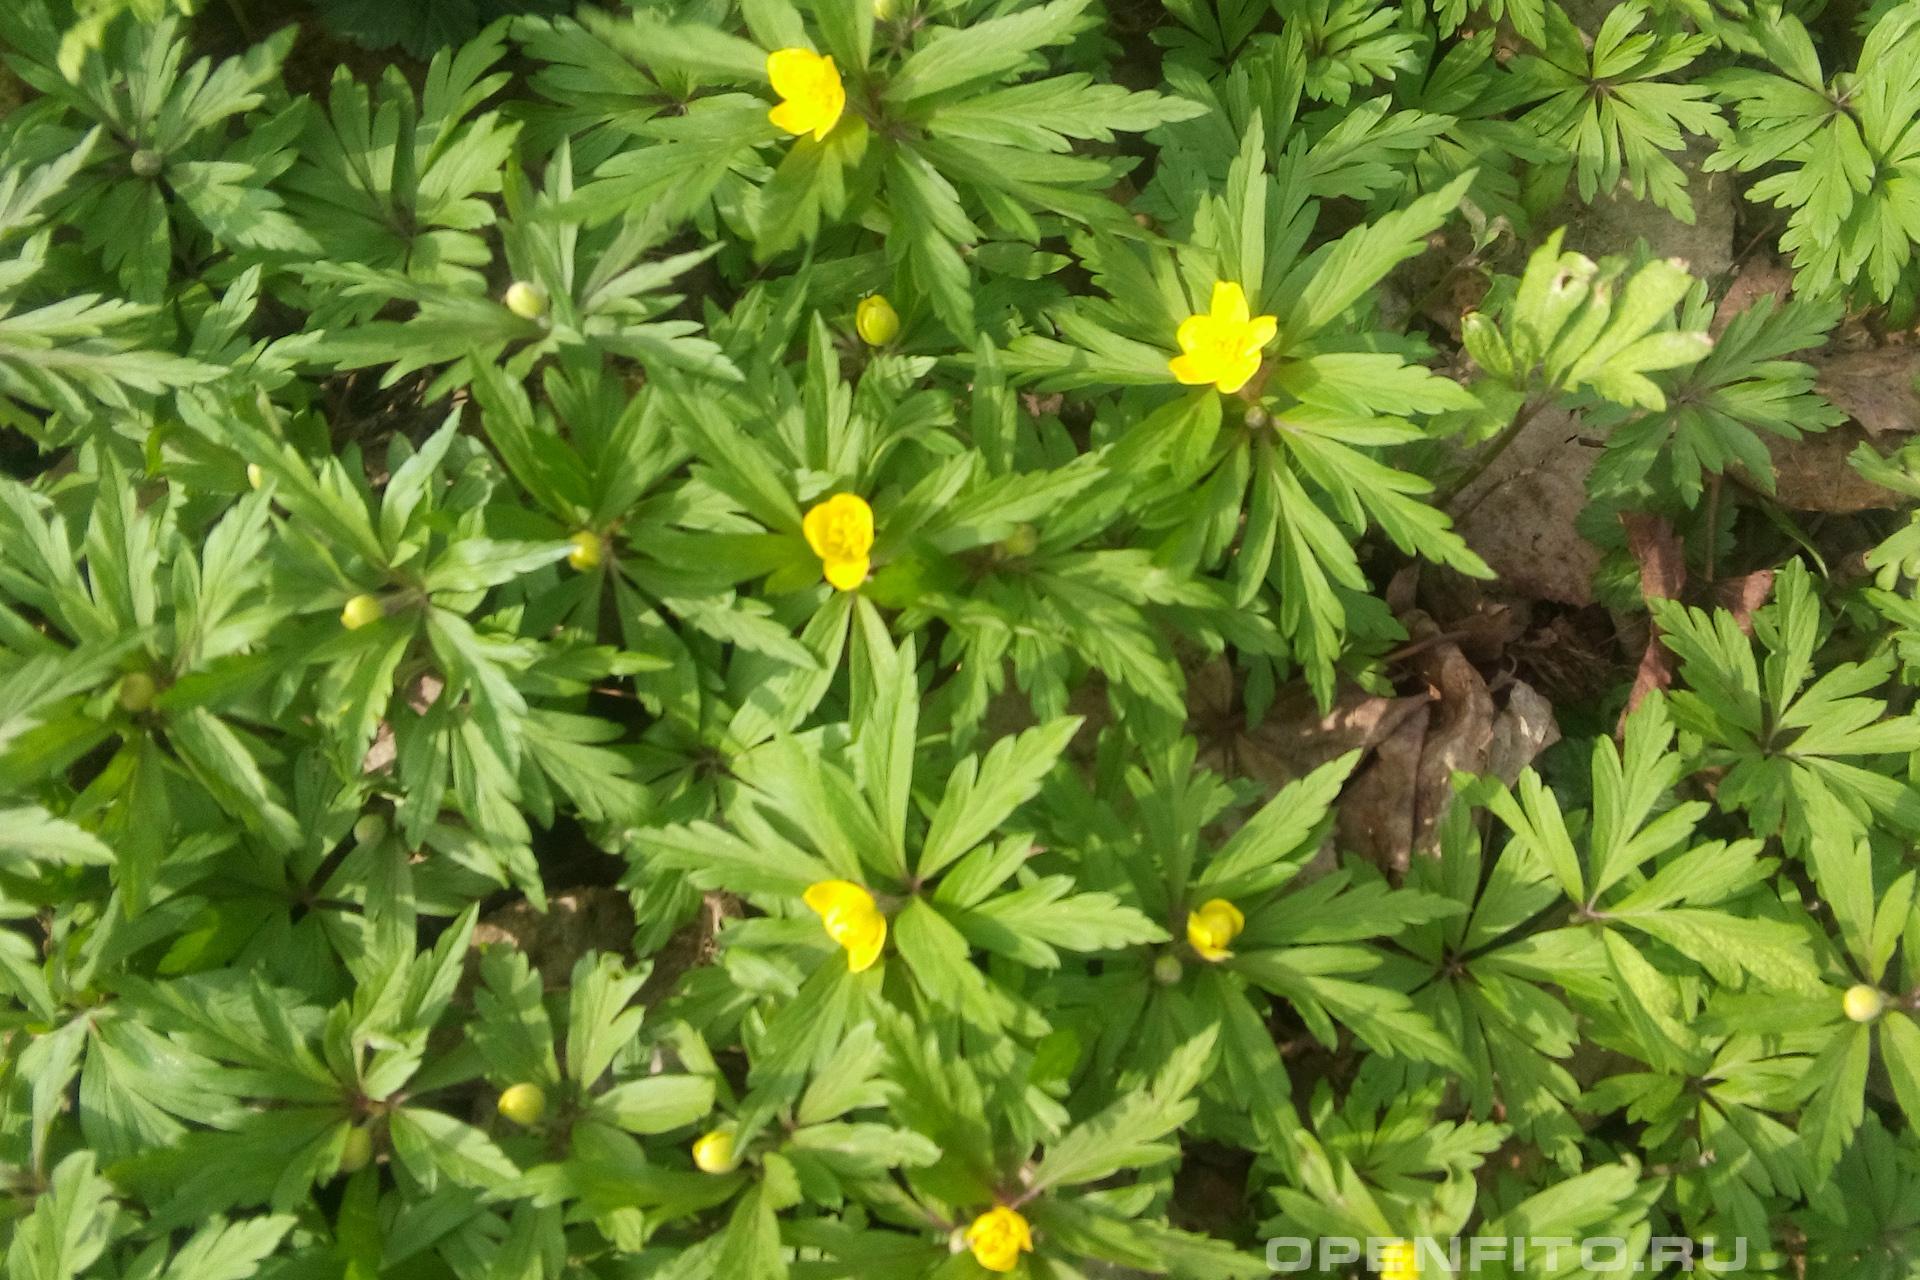 Ветреница лютичная Тоже самое что и обычная ветреница только с желтыми цветами